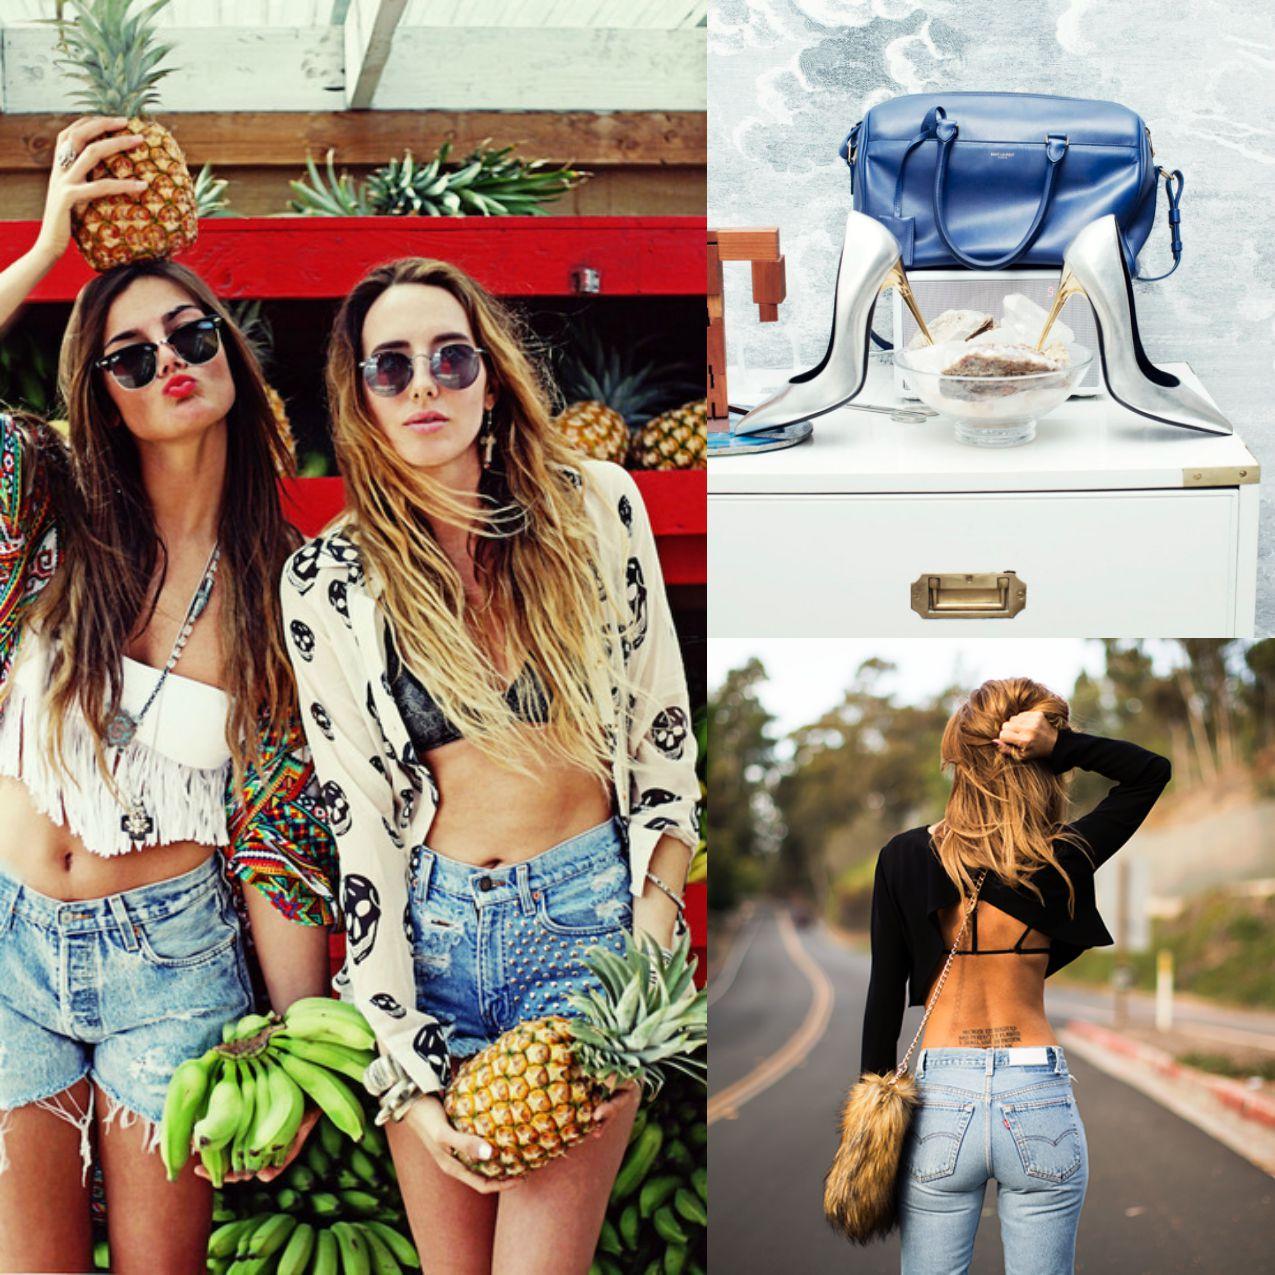 Chiacchiere sparse a base di shopping, autunno e frivolezza , alessia milanese, thechilicool, fashion blog, fashion blogger, asos, codici sconto, sconti.com